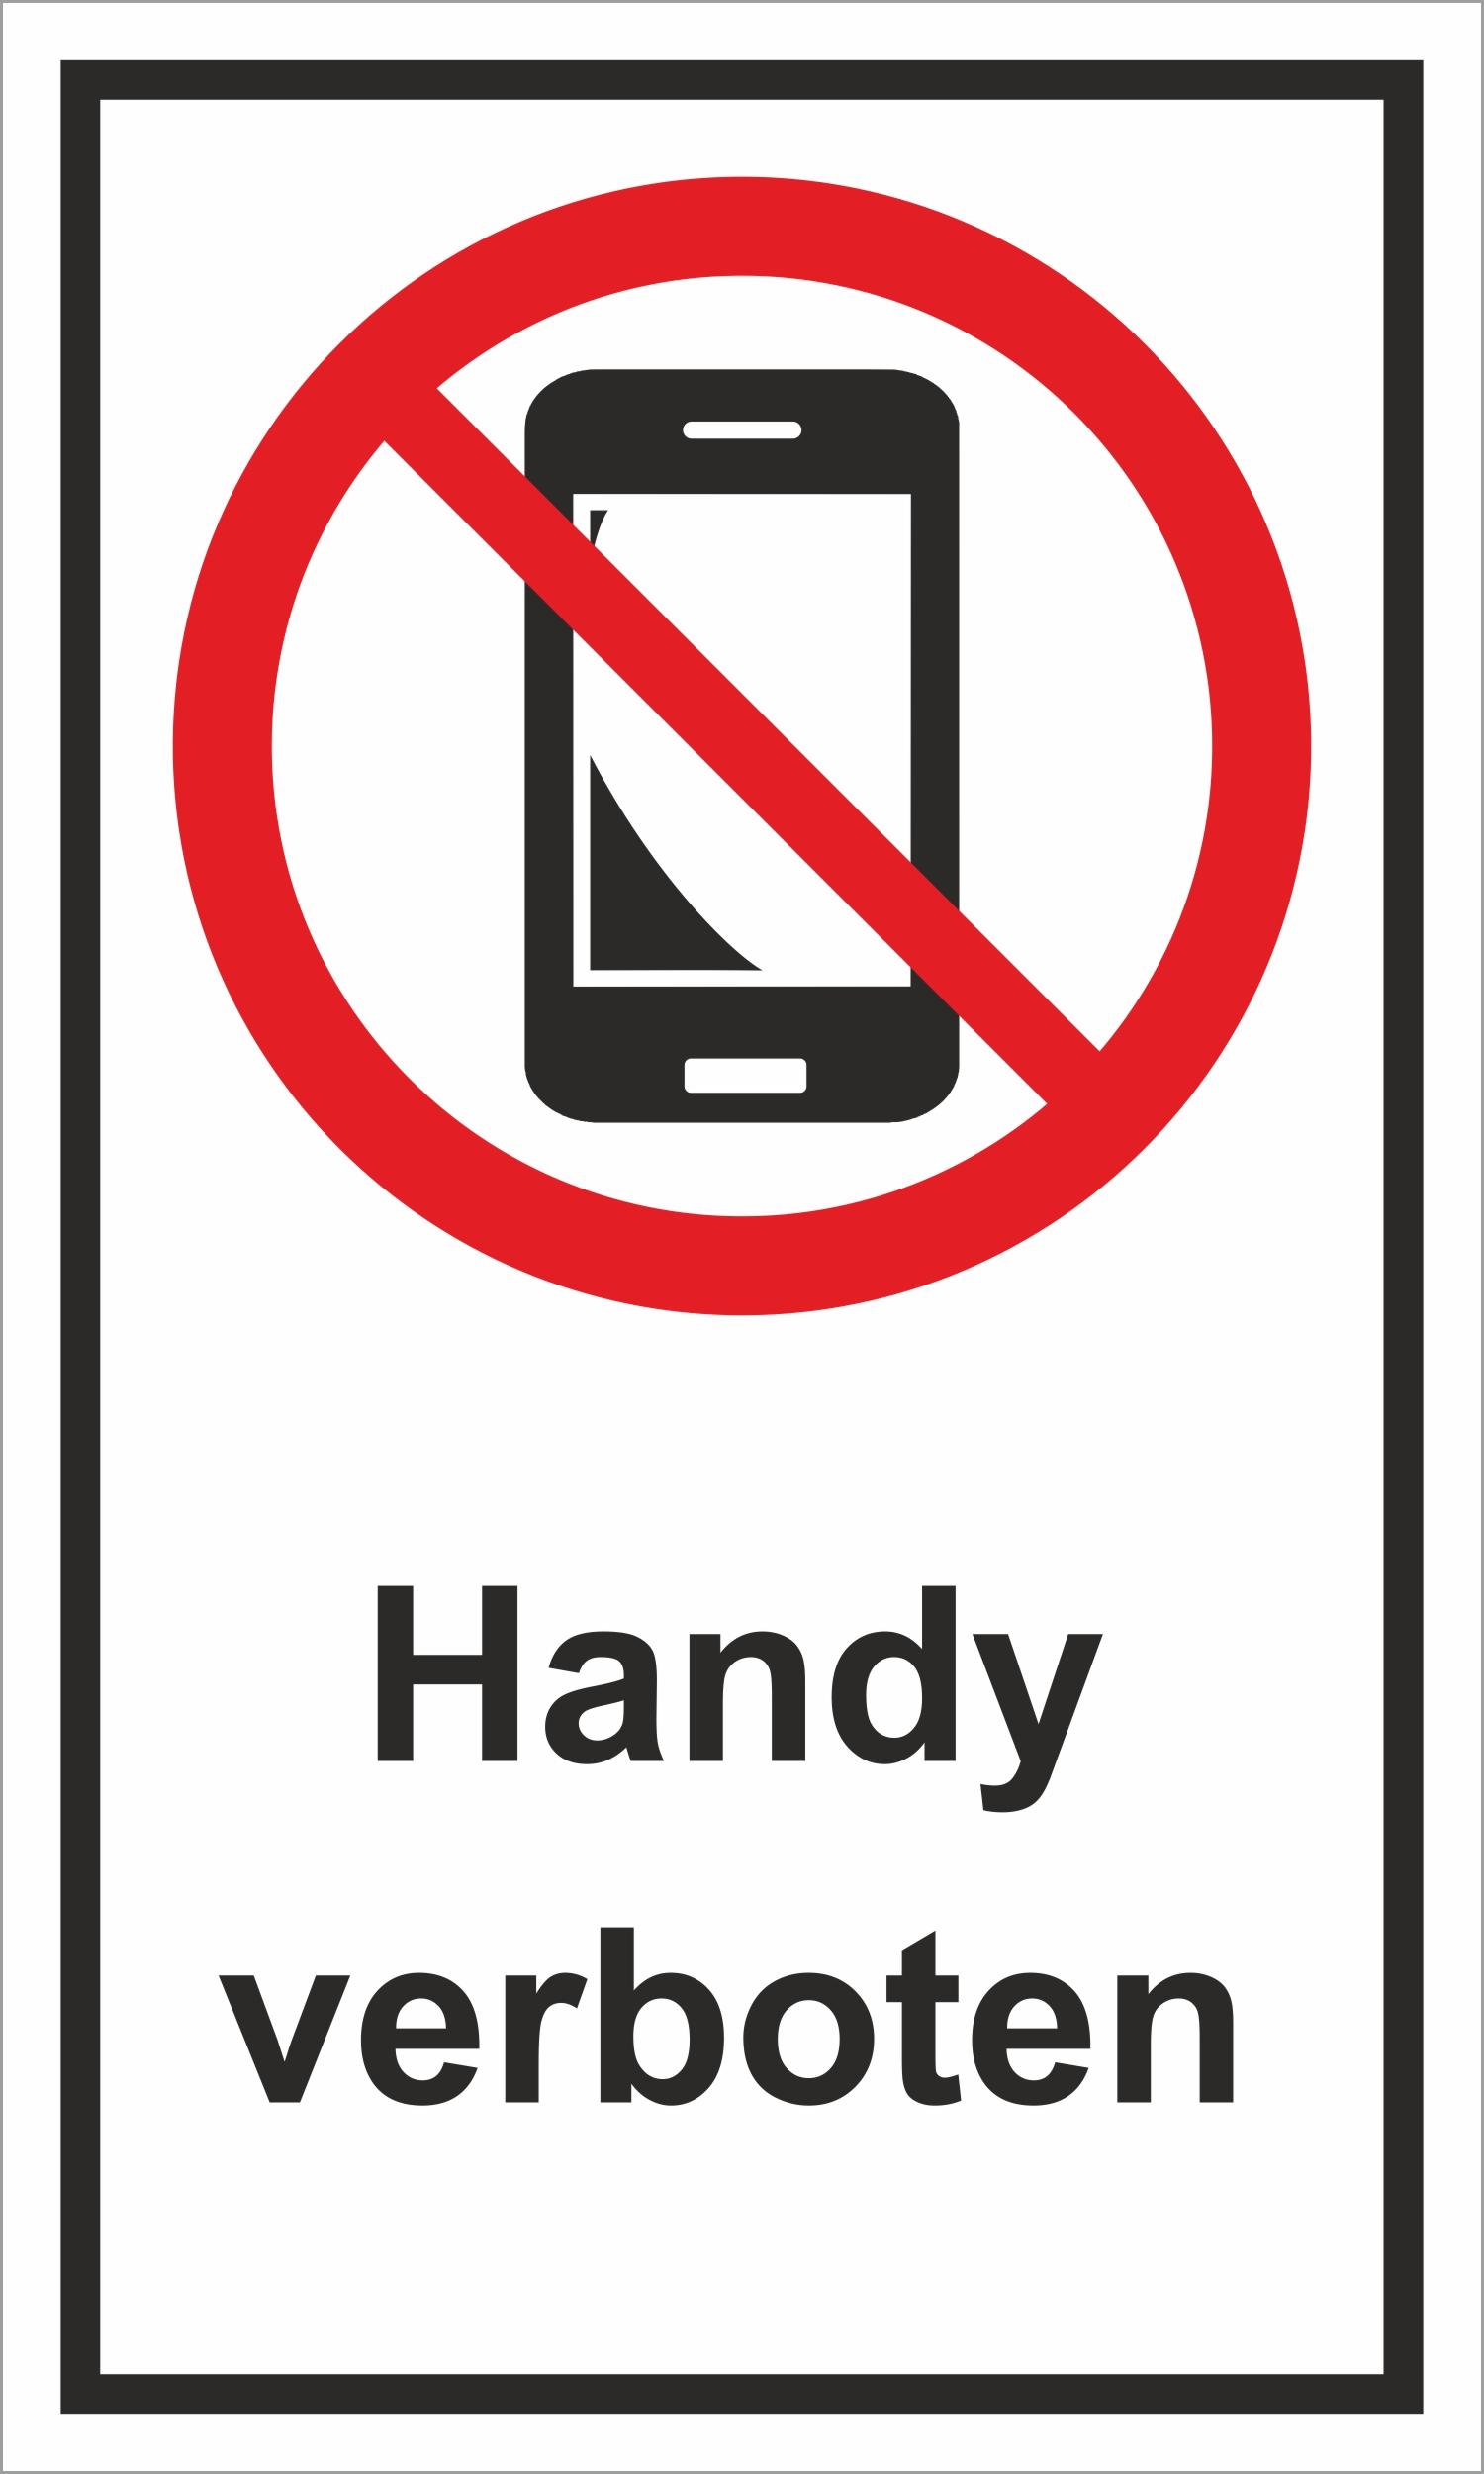 Handy verboten 150 x 250 mm Warn- Hinweis- und Verbotsschild  PST-Kunststoff – Bild 1